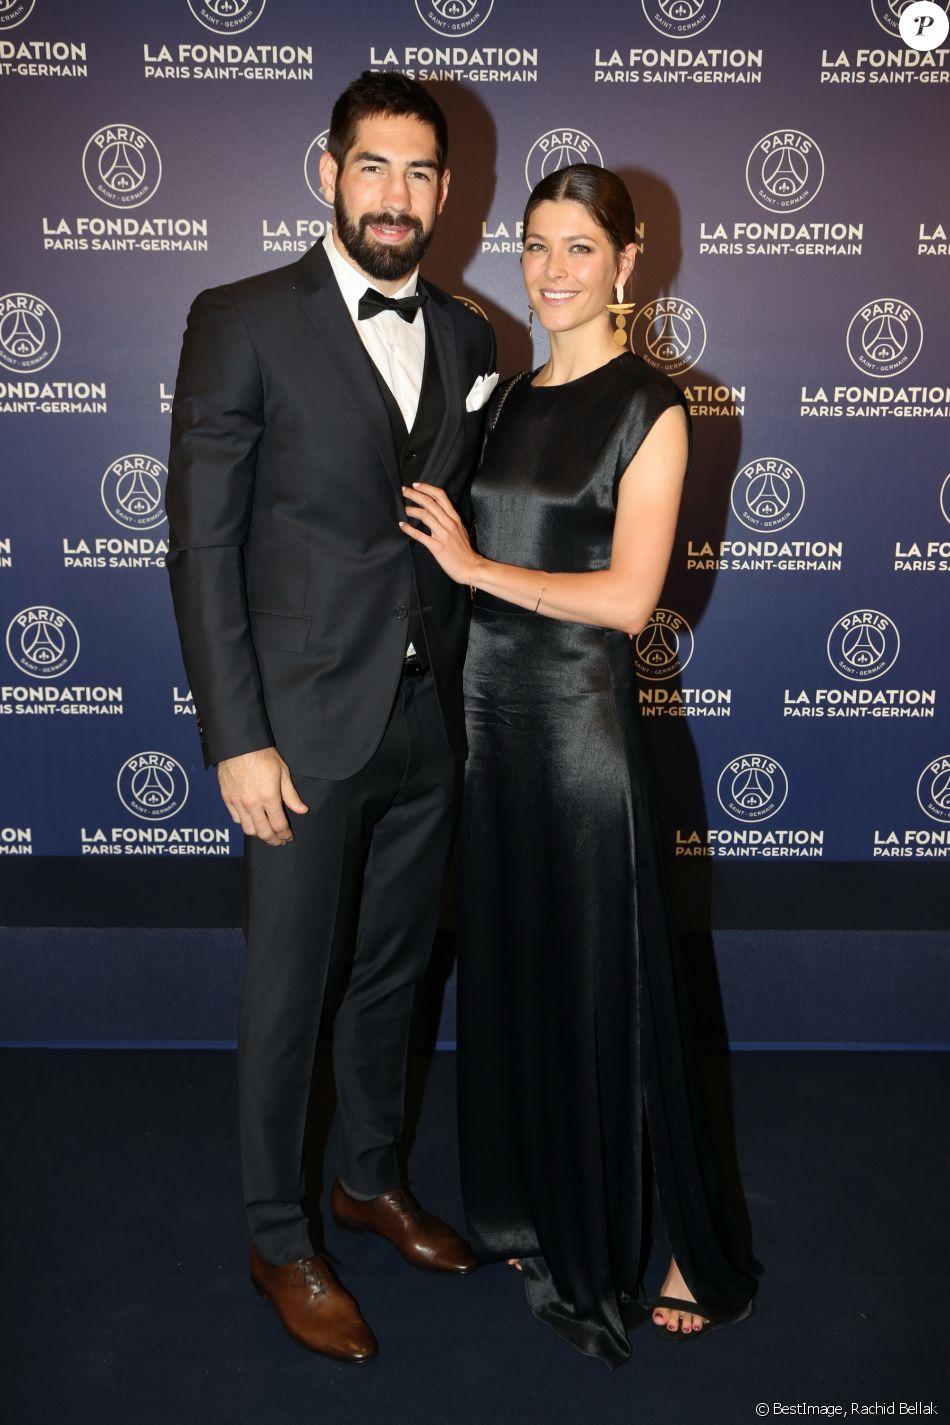 Exclusif  - Nikola Karabatic et sa femme Géraldine Pillet - Dîner de gala au profit de la Fondation PSG au Parc des Princes à Paris le 16 mai 2017.